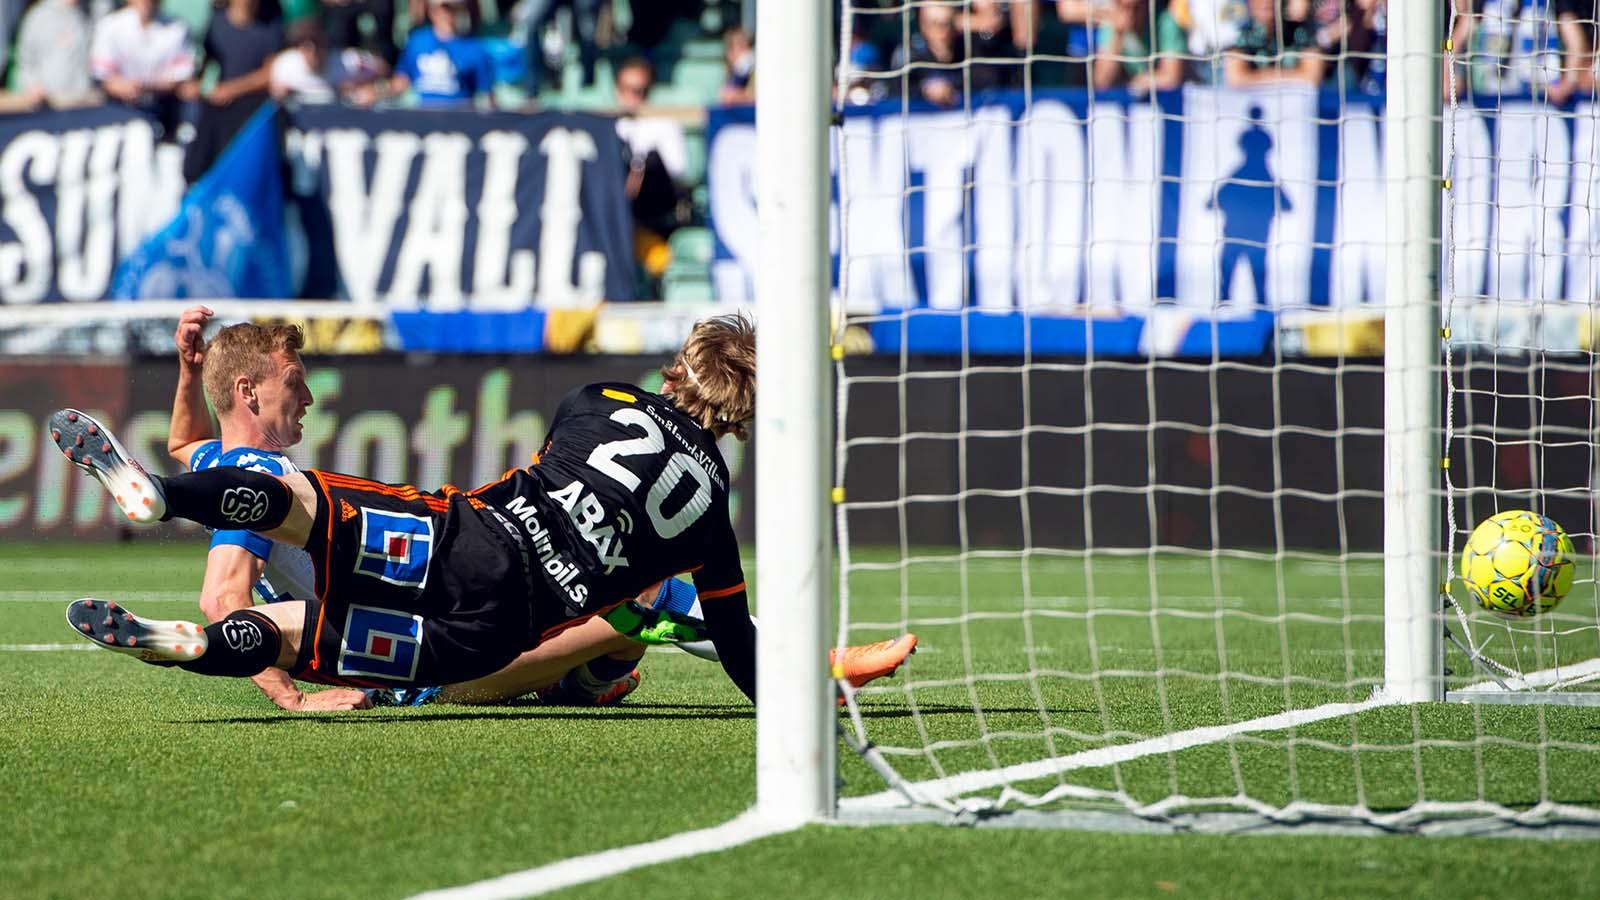 180527 IFK Göteborgs Sebastian Ohlsson slår in bollen bakom Sundsvalls målvakt William Eskelinen men målet döms bort under fotbollsmatchen i Allsvenskan mellan GIF Sundsvall och IFK Göteborg den 27 maj 2018 i Sundsvall. Foto: Nils Jakobsson / BILDBYRÅN / kod NJ / 74283